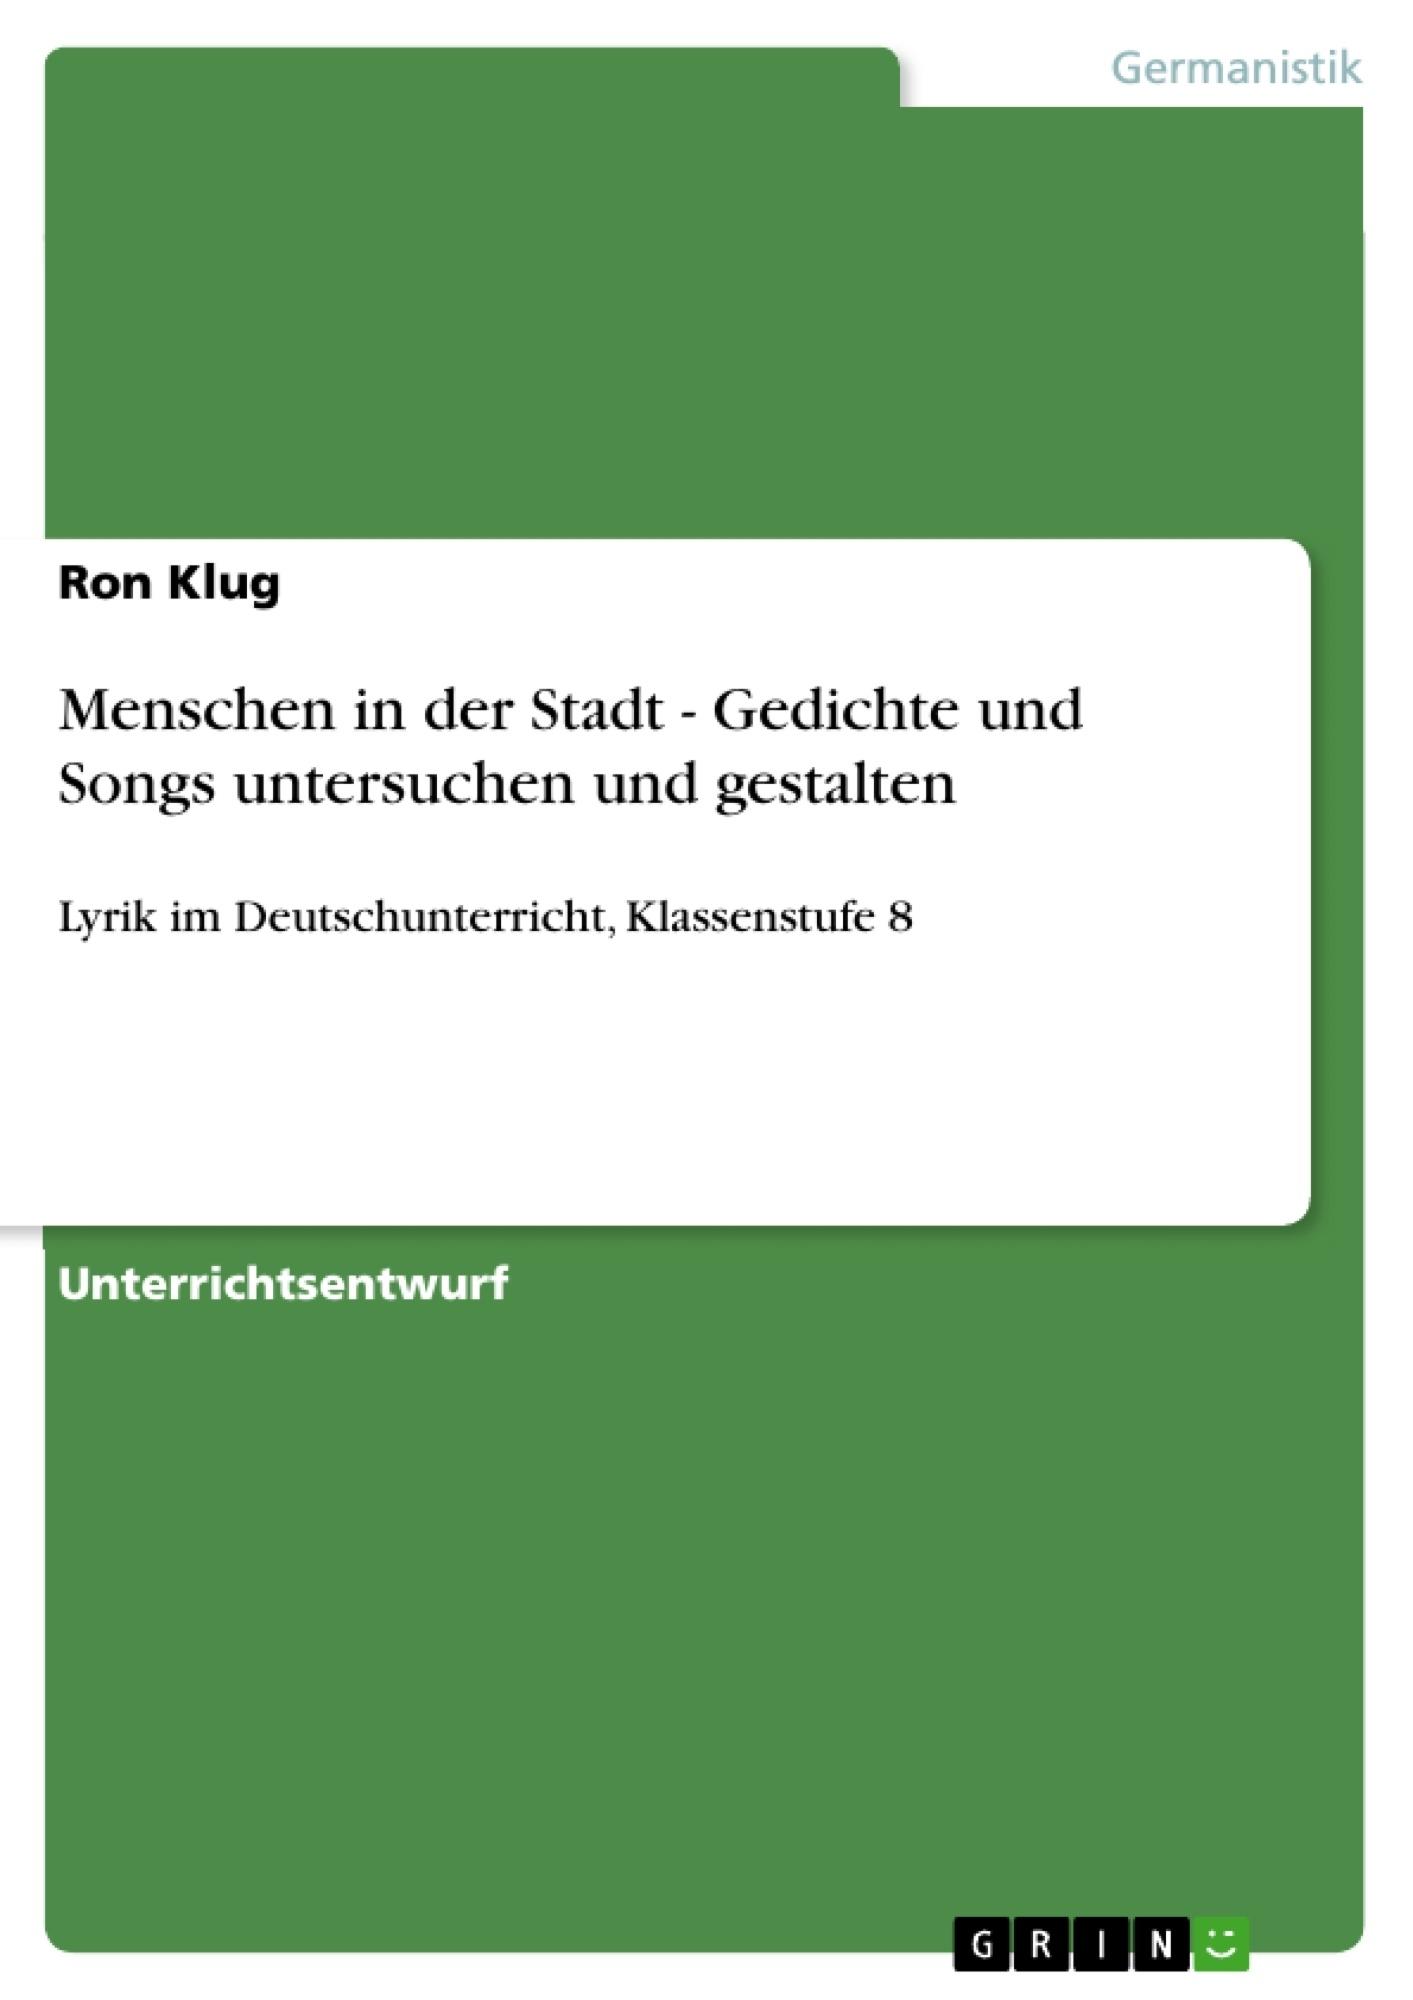 Titel: Menschen in der Stadt - Gedichte und Songs untersuchen und gestalten